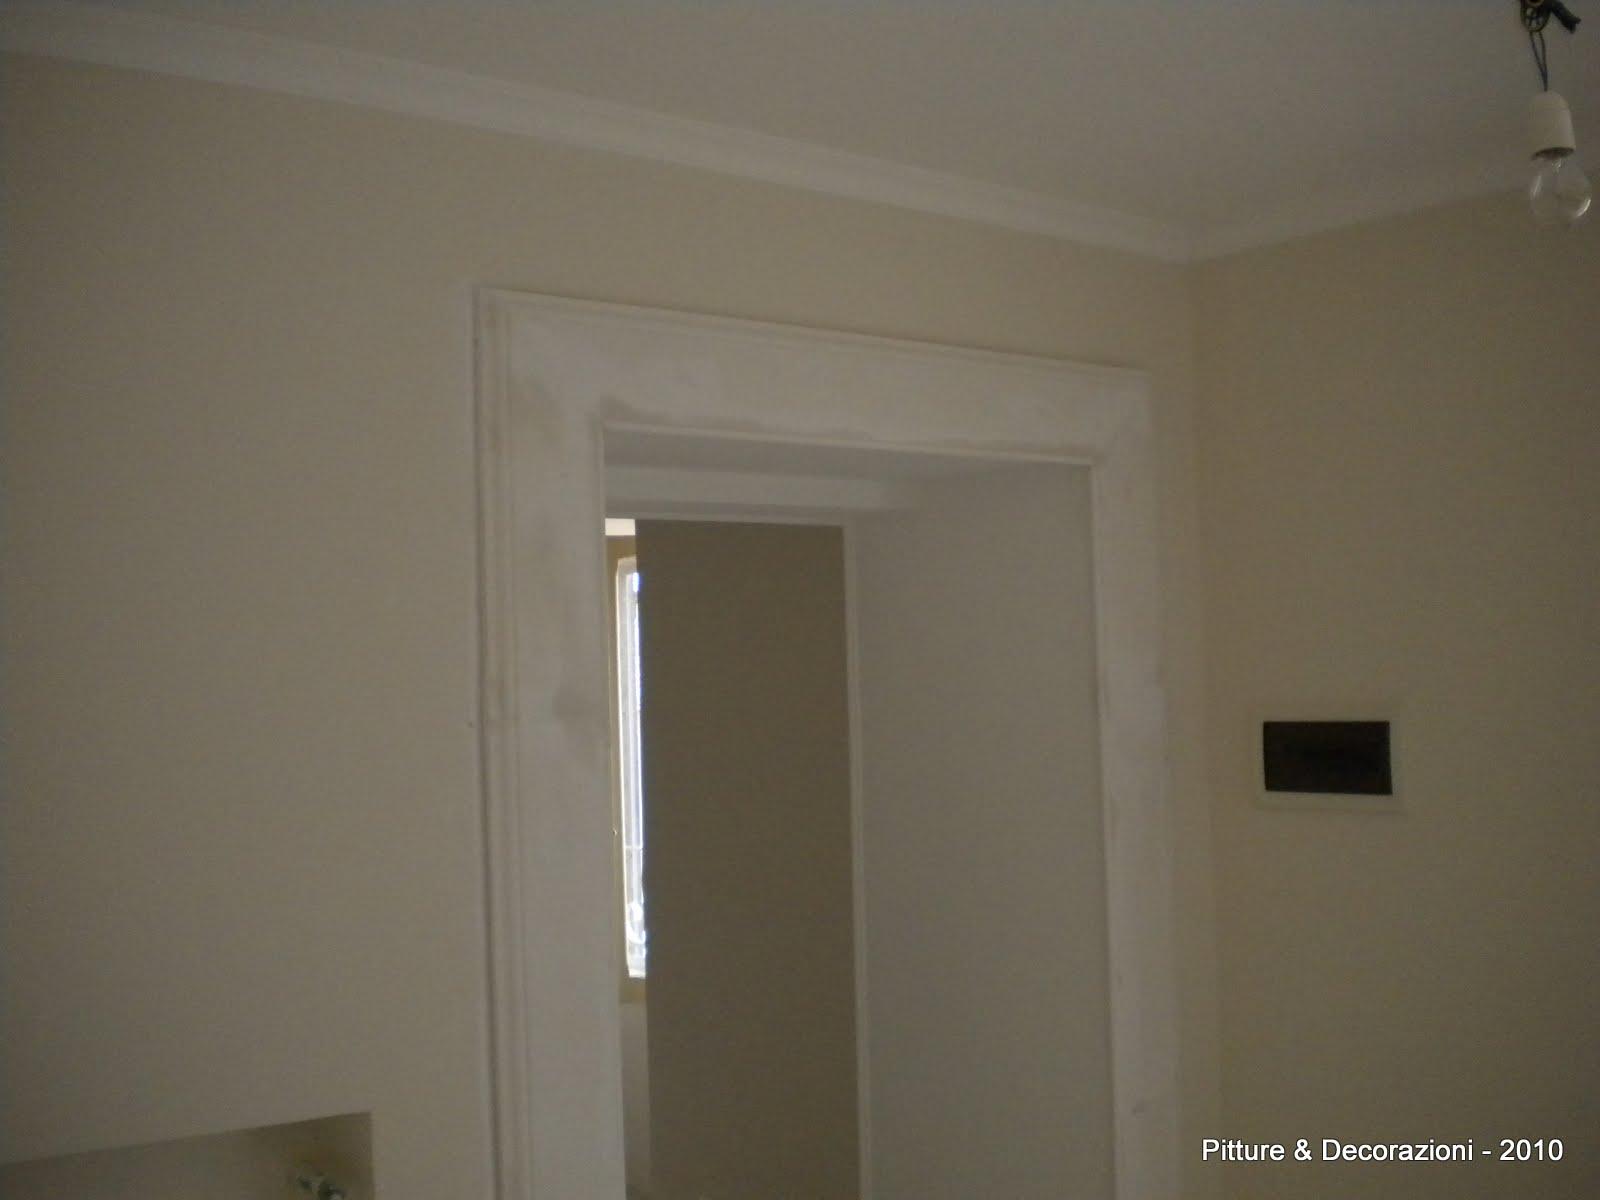 Pitture decorazioni restauro di un appartamento d 39 epoca - Cornice per porte interne ...